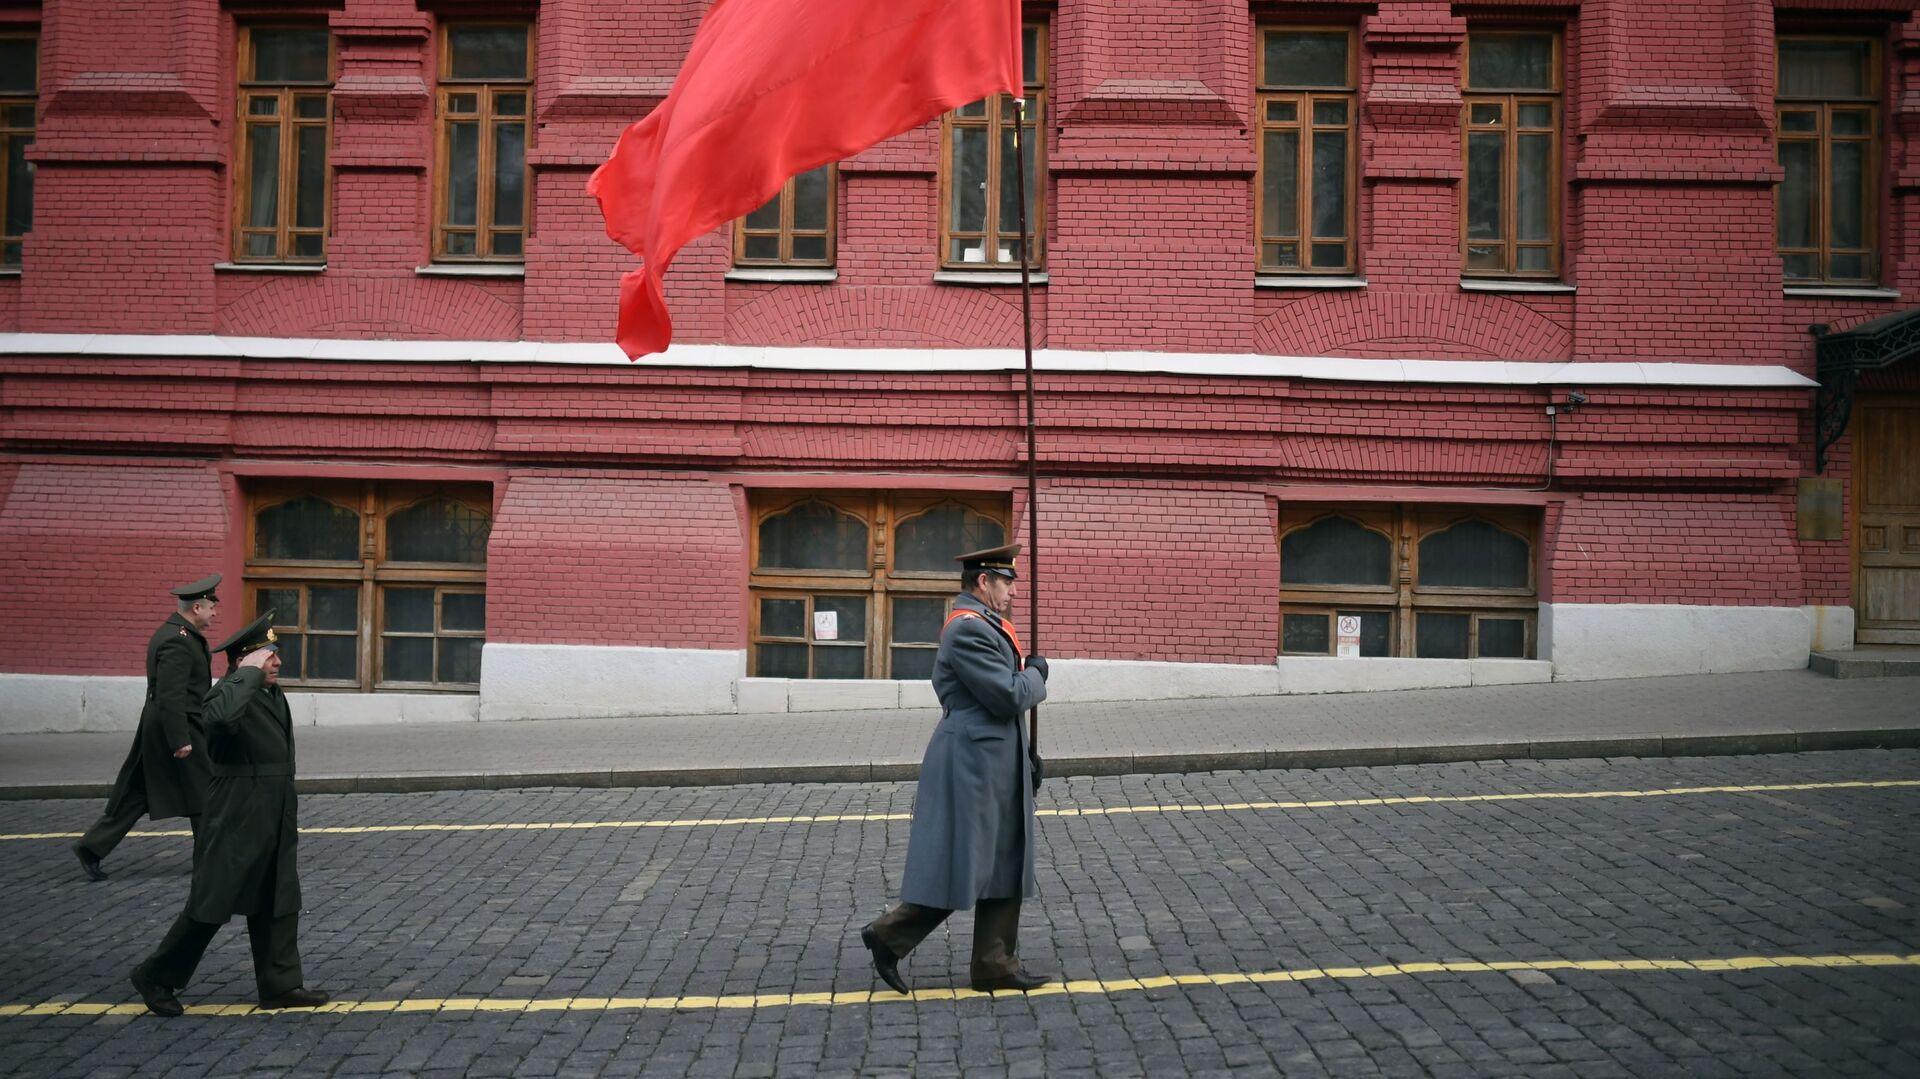 Vojnik nosi zastavu Sovjetskog Saveza - Sputnik Srbija, 1920, 28.02.2021